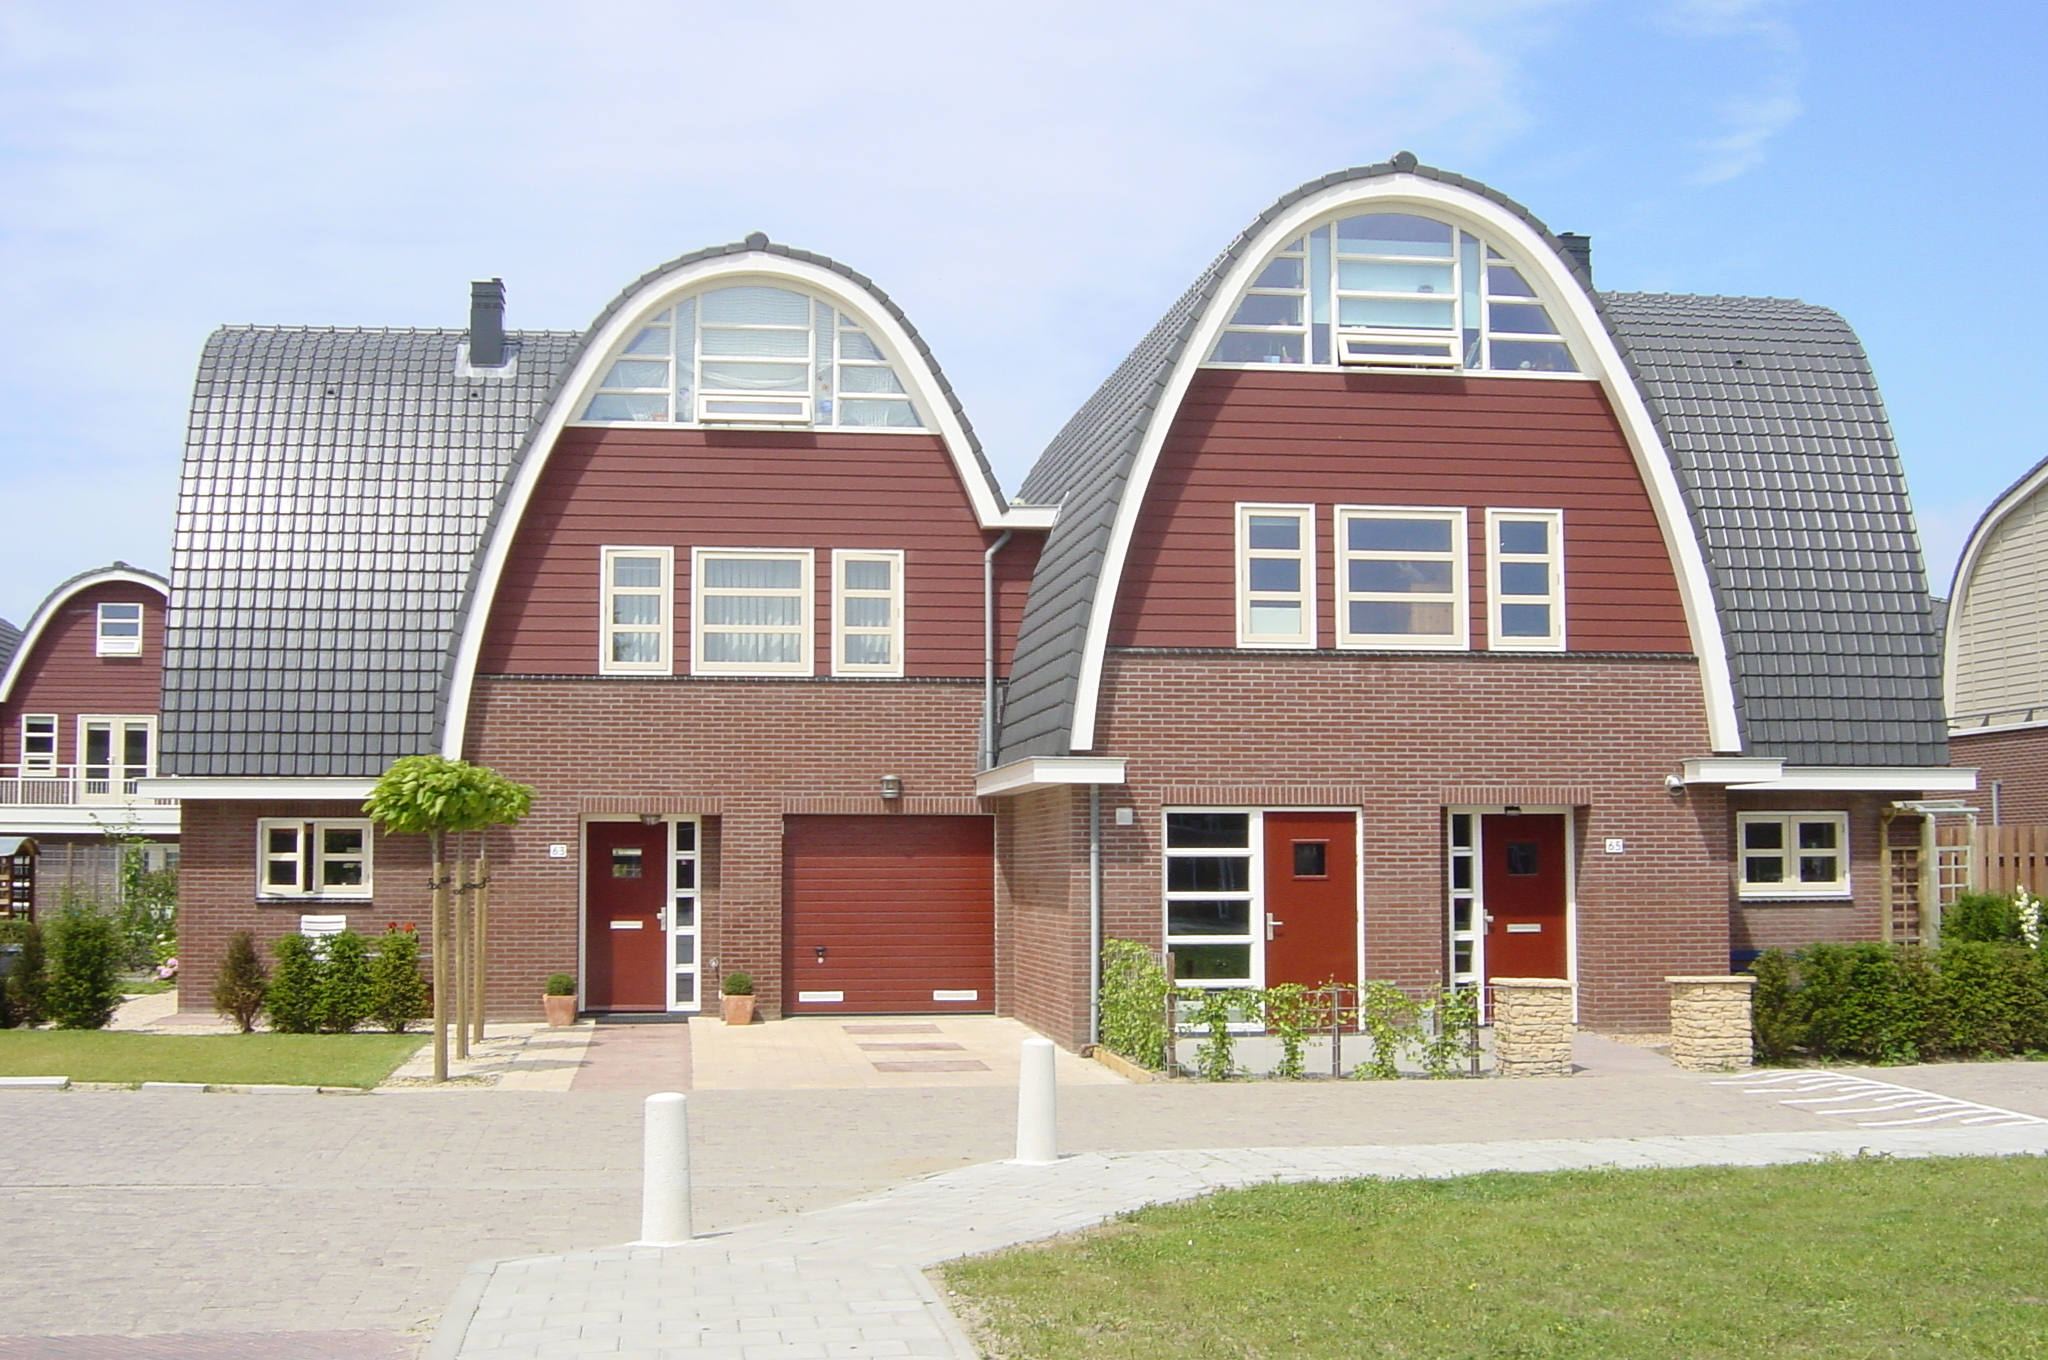 Nieuwbouw van 30 luxe 2-onder-1-kap woningen te Uithoorn. Werkzaamheden: Bouwkundig tekenwerk. Opdrachtgever: UBA ontwikkeling BV / Van Wengerden & Visser BV.